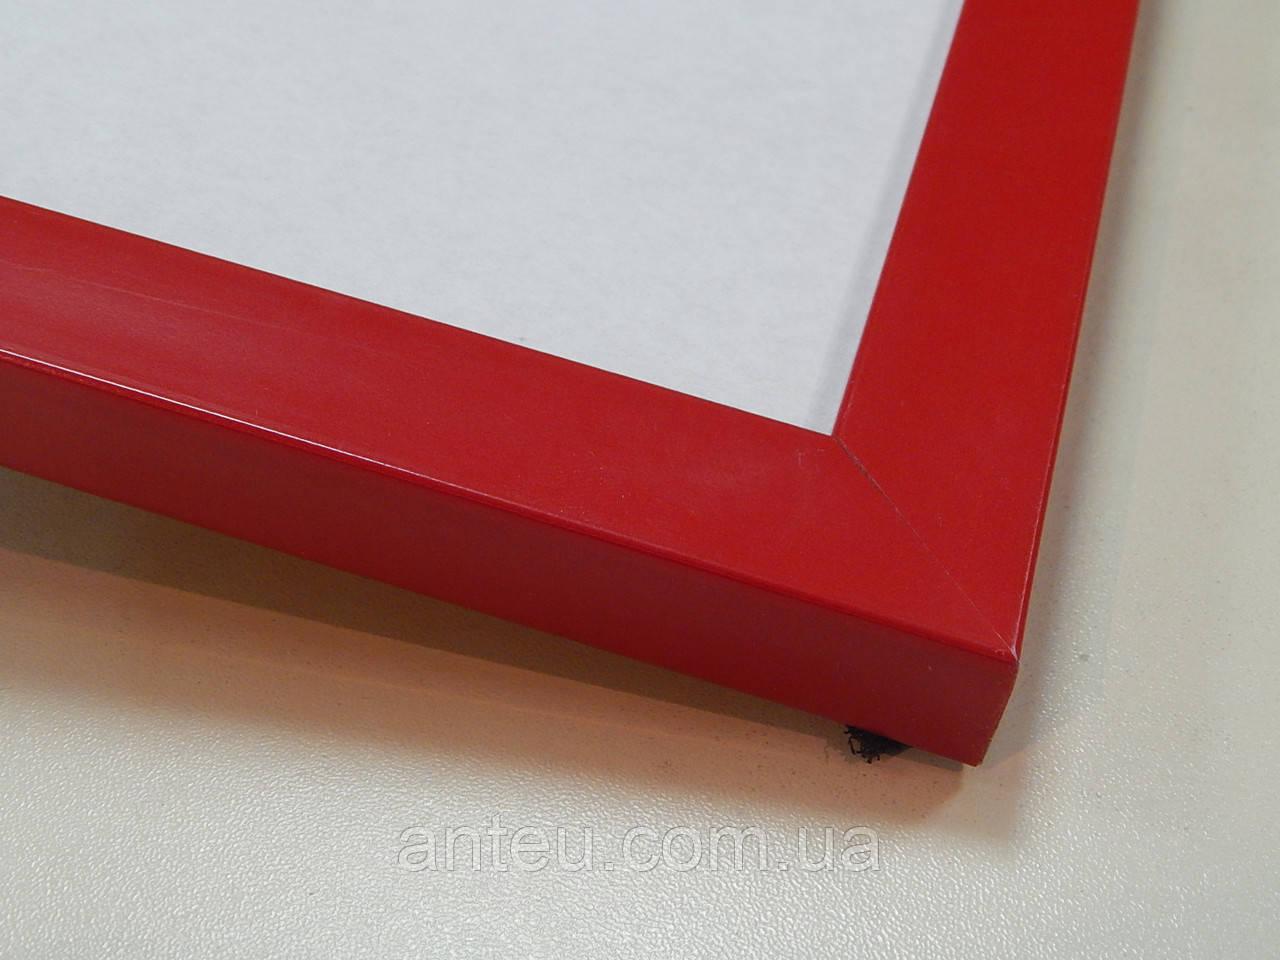 Рамка А4(210х297).Профиль 22 мм.Красный.для фото грамот дипломов.